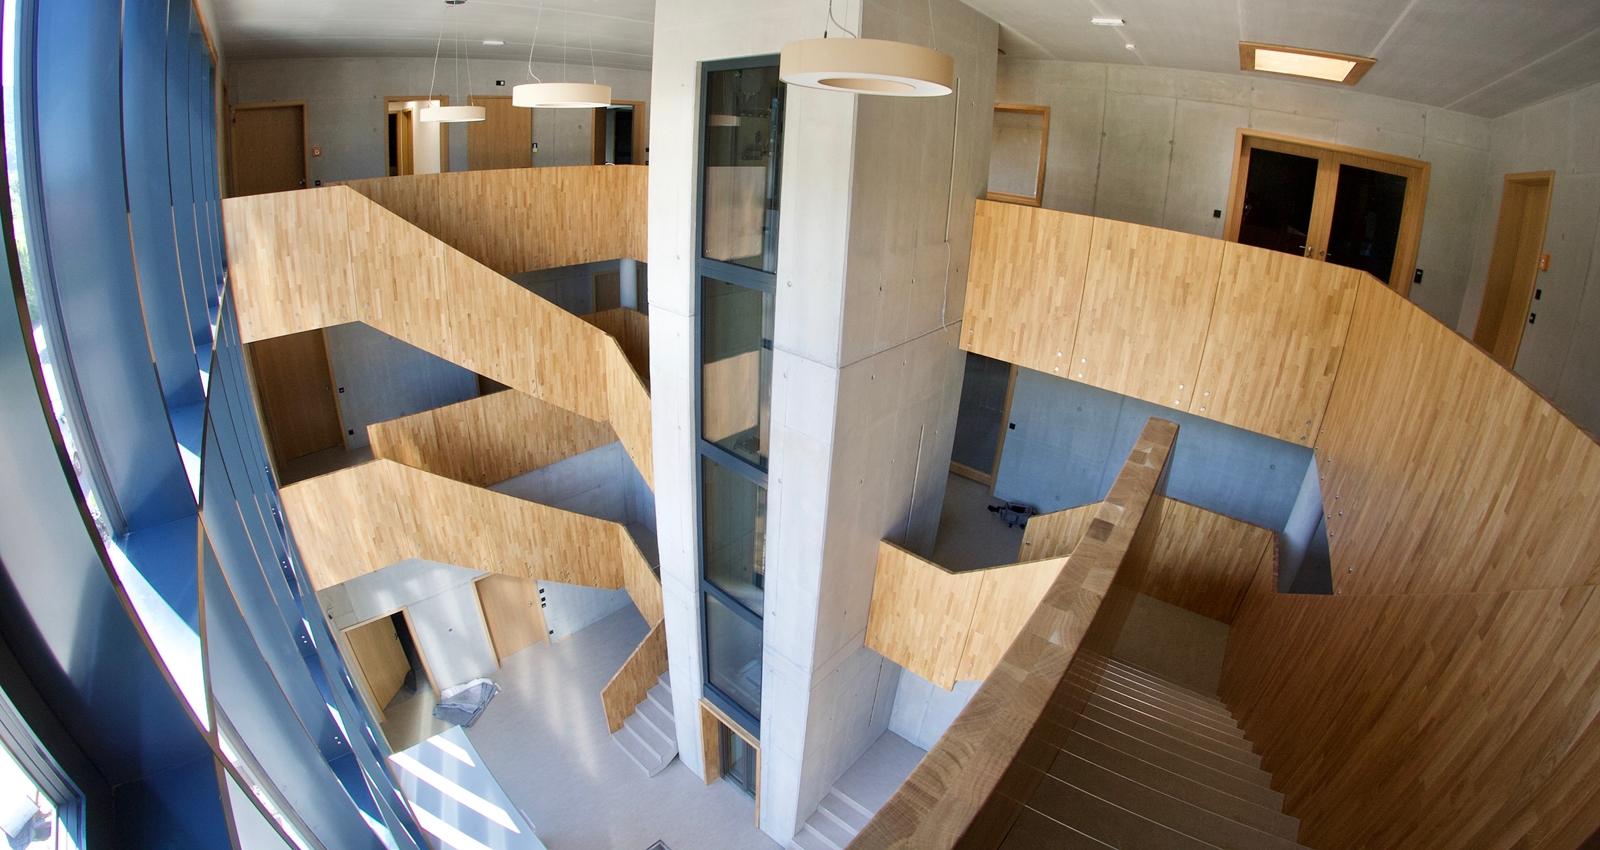 Ein holzverkleidetes Treppenhaus, von der Schreinerei Fiegenbaum erstellt